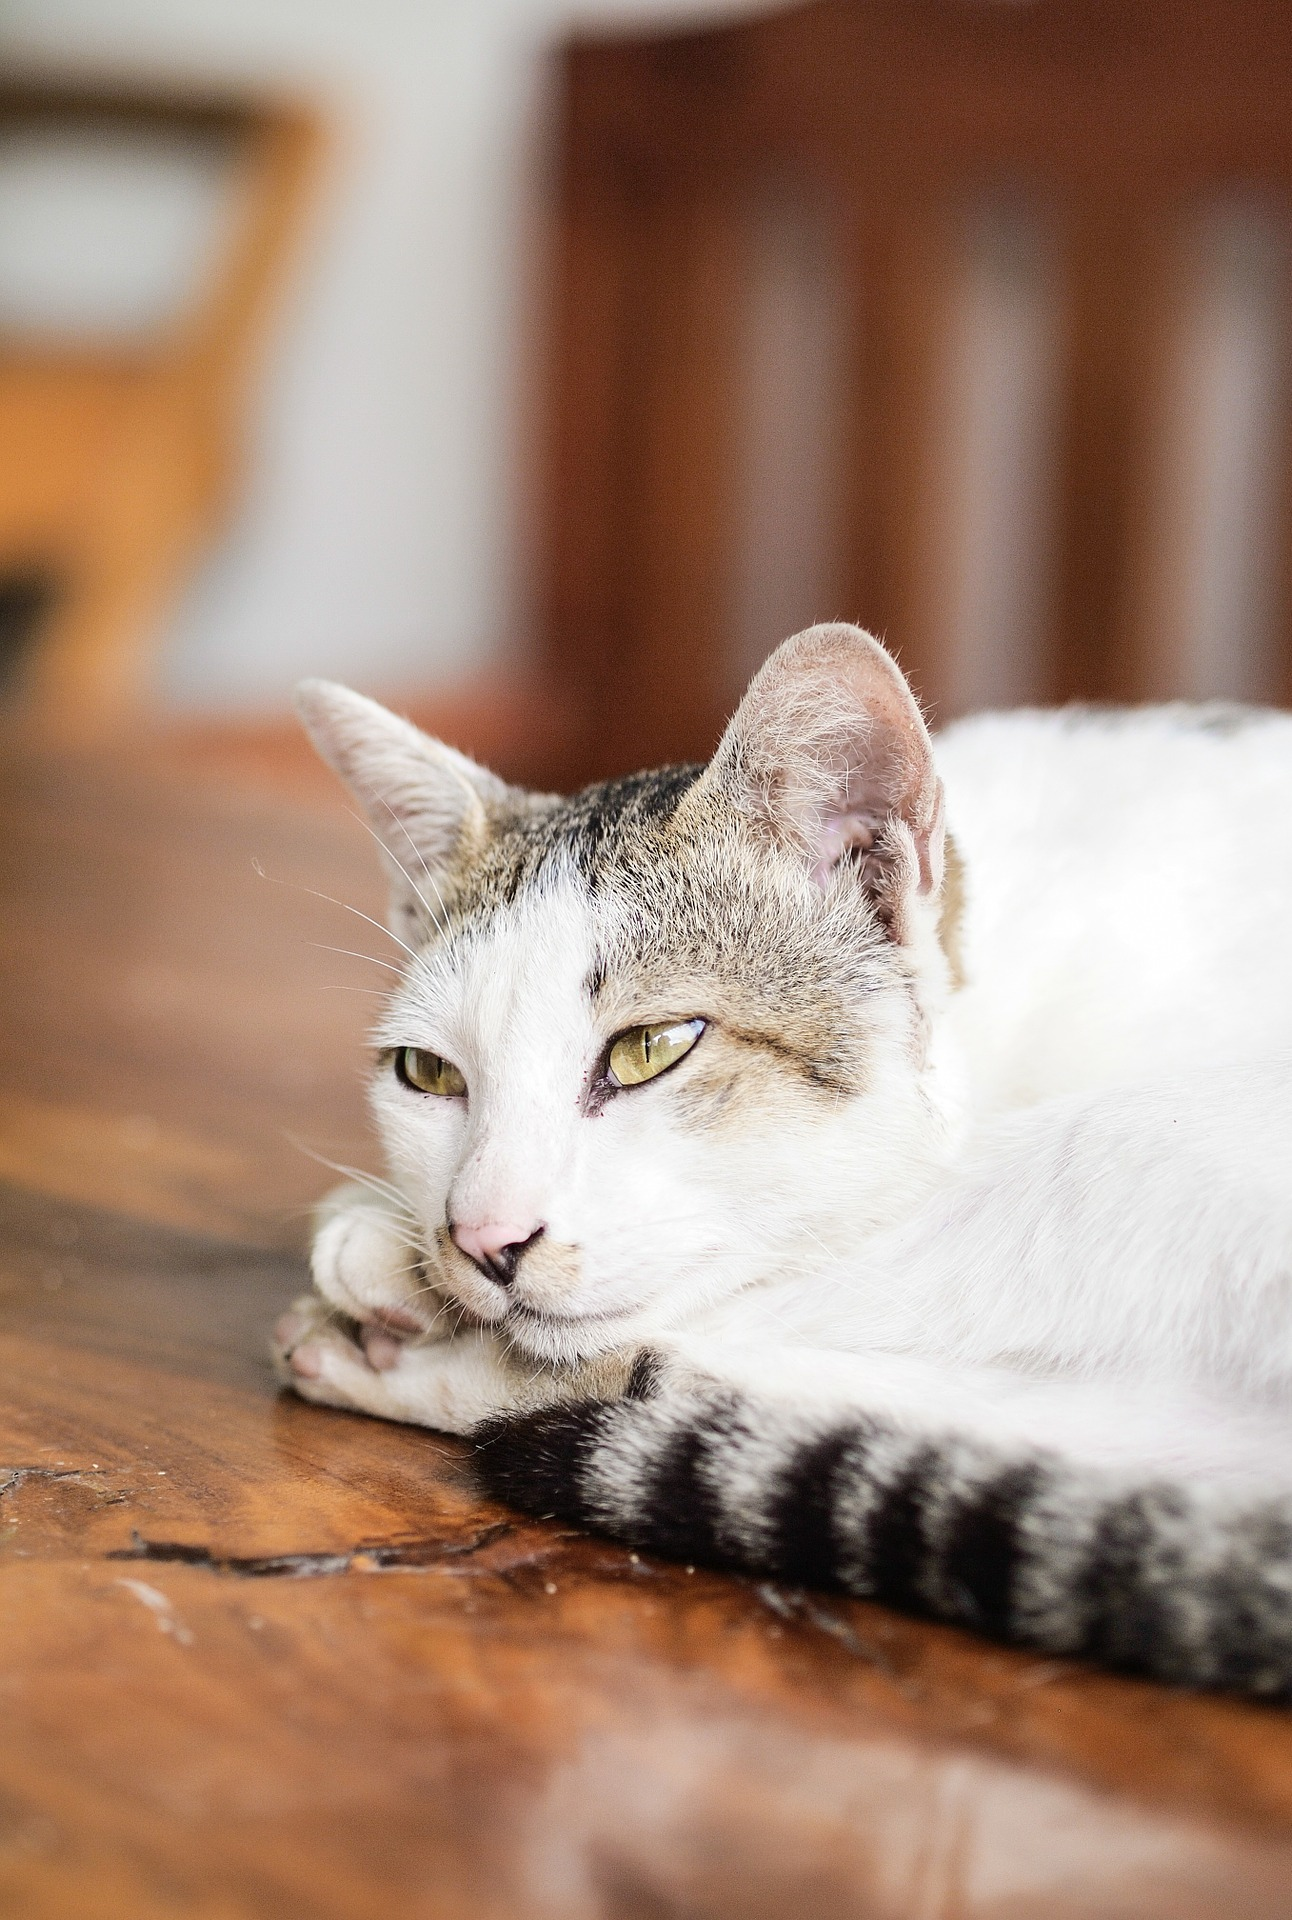 cat-169095_1920